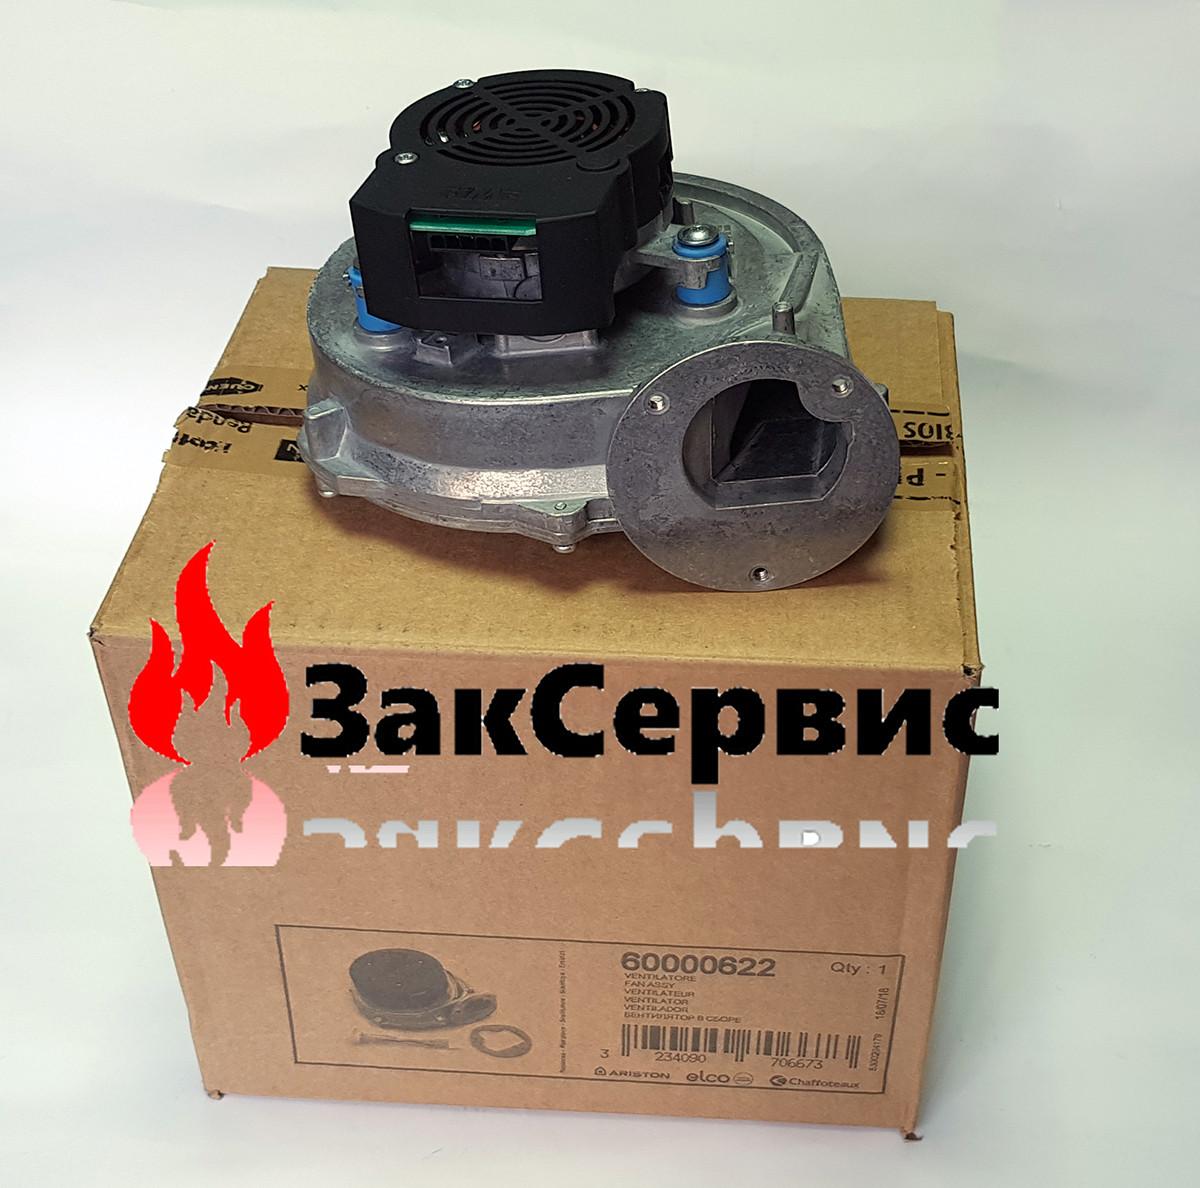 Вентилятор на конденсационный газовый котел Ariston  GENUS PREMIUM 60000622